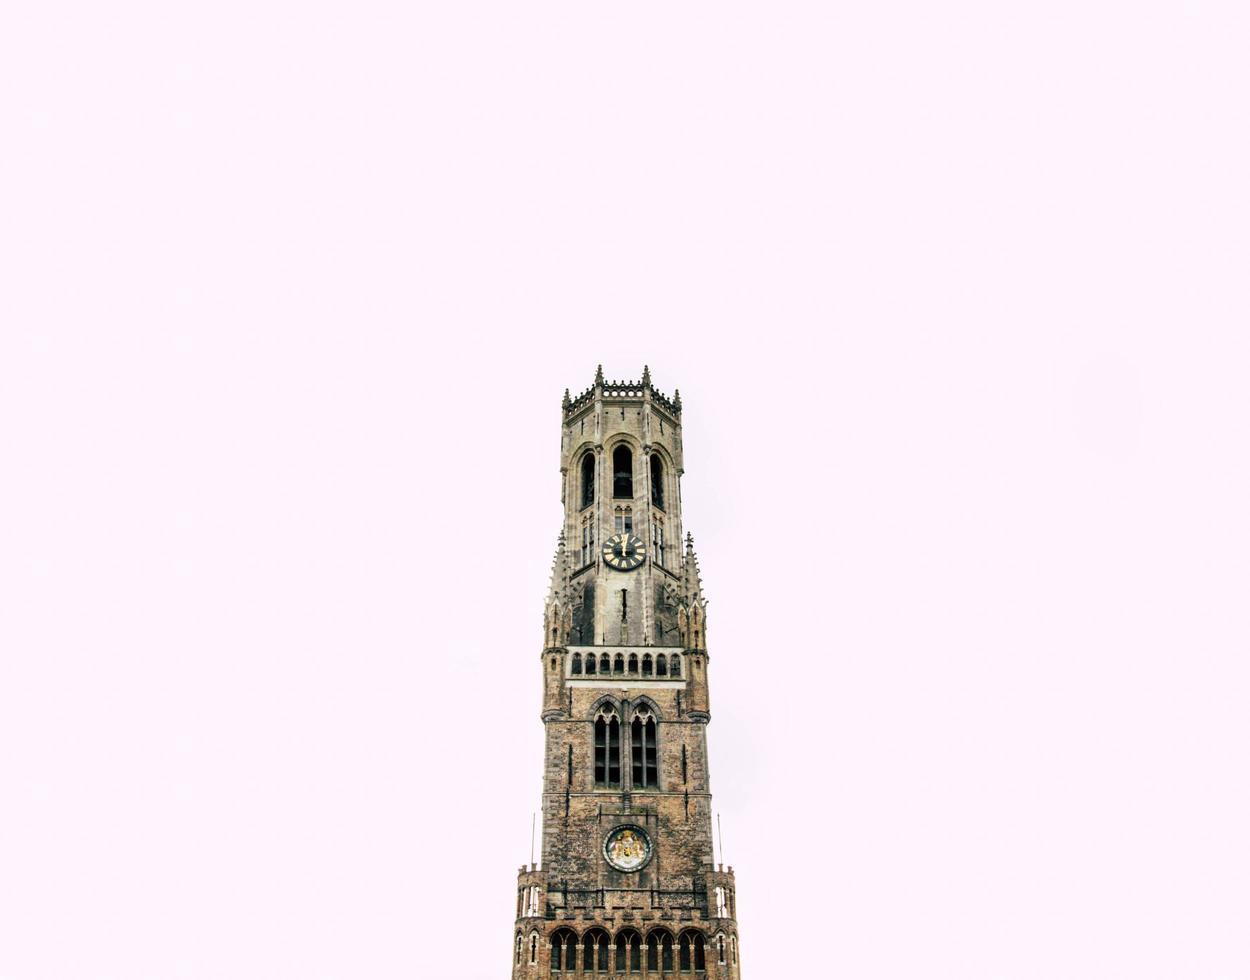 bruges, belgio, 2020 - campanile di bruges durante il giorno foto